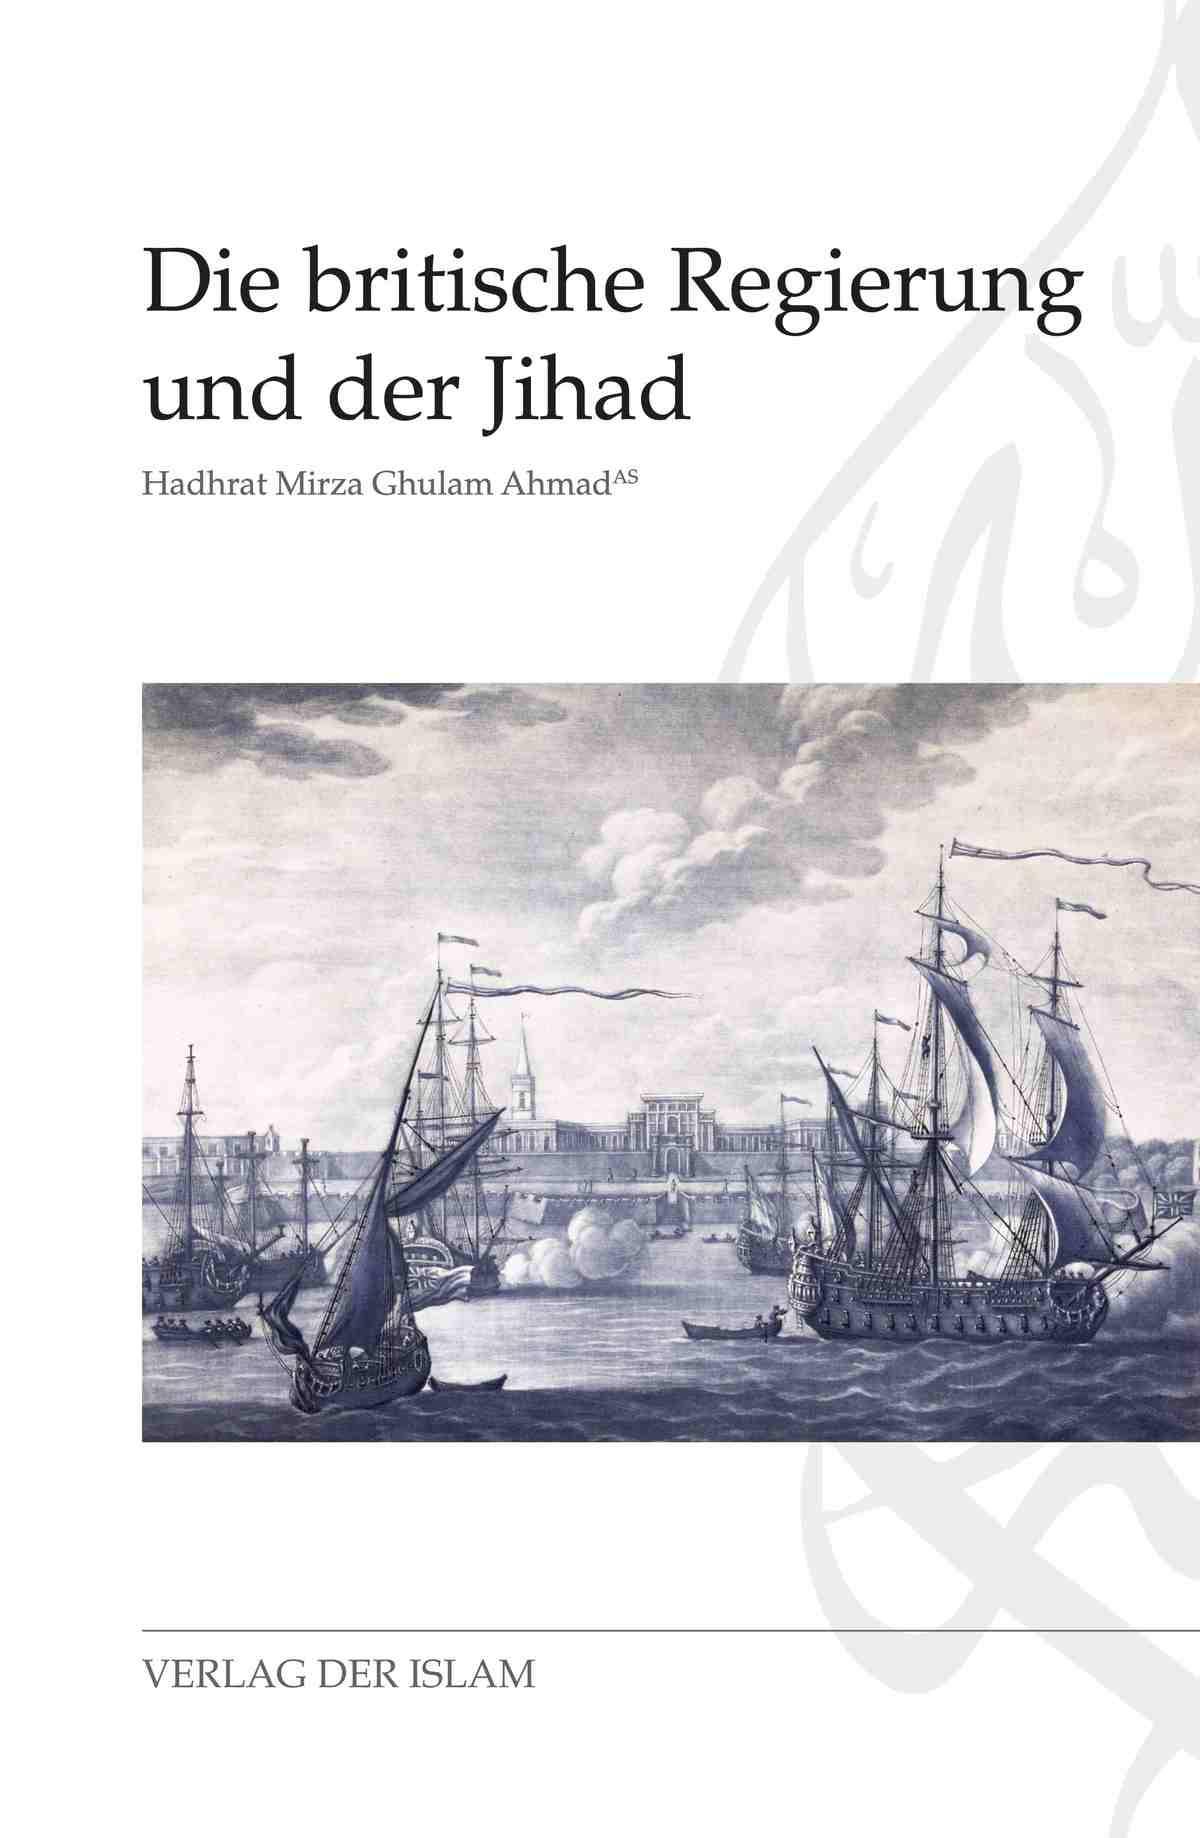 Die britische Regierung und der Jihad Kopie.jpg